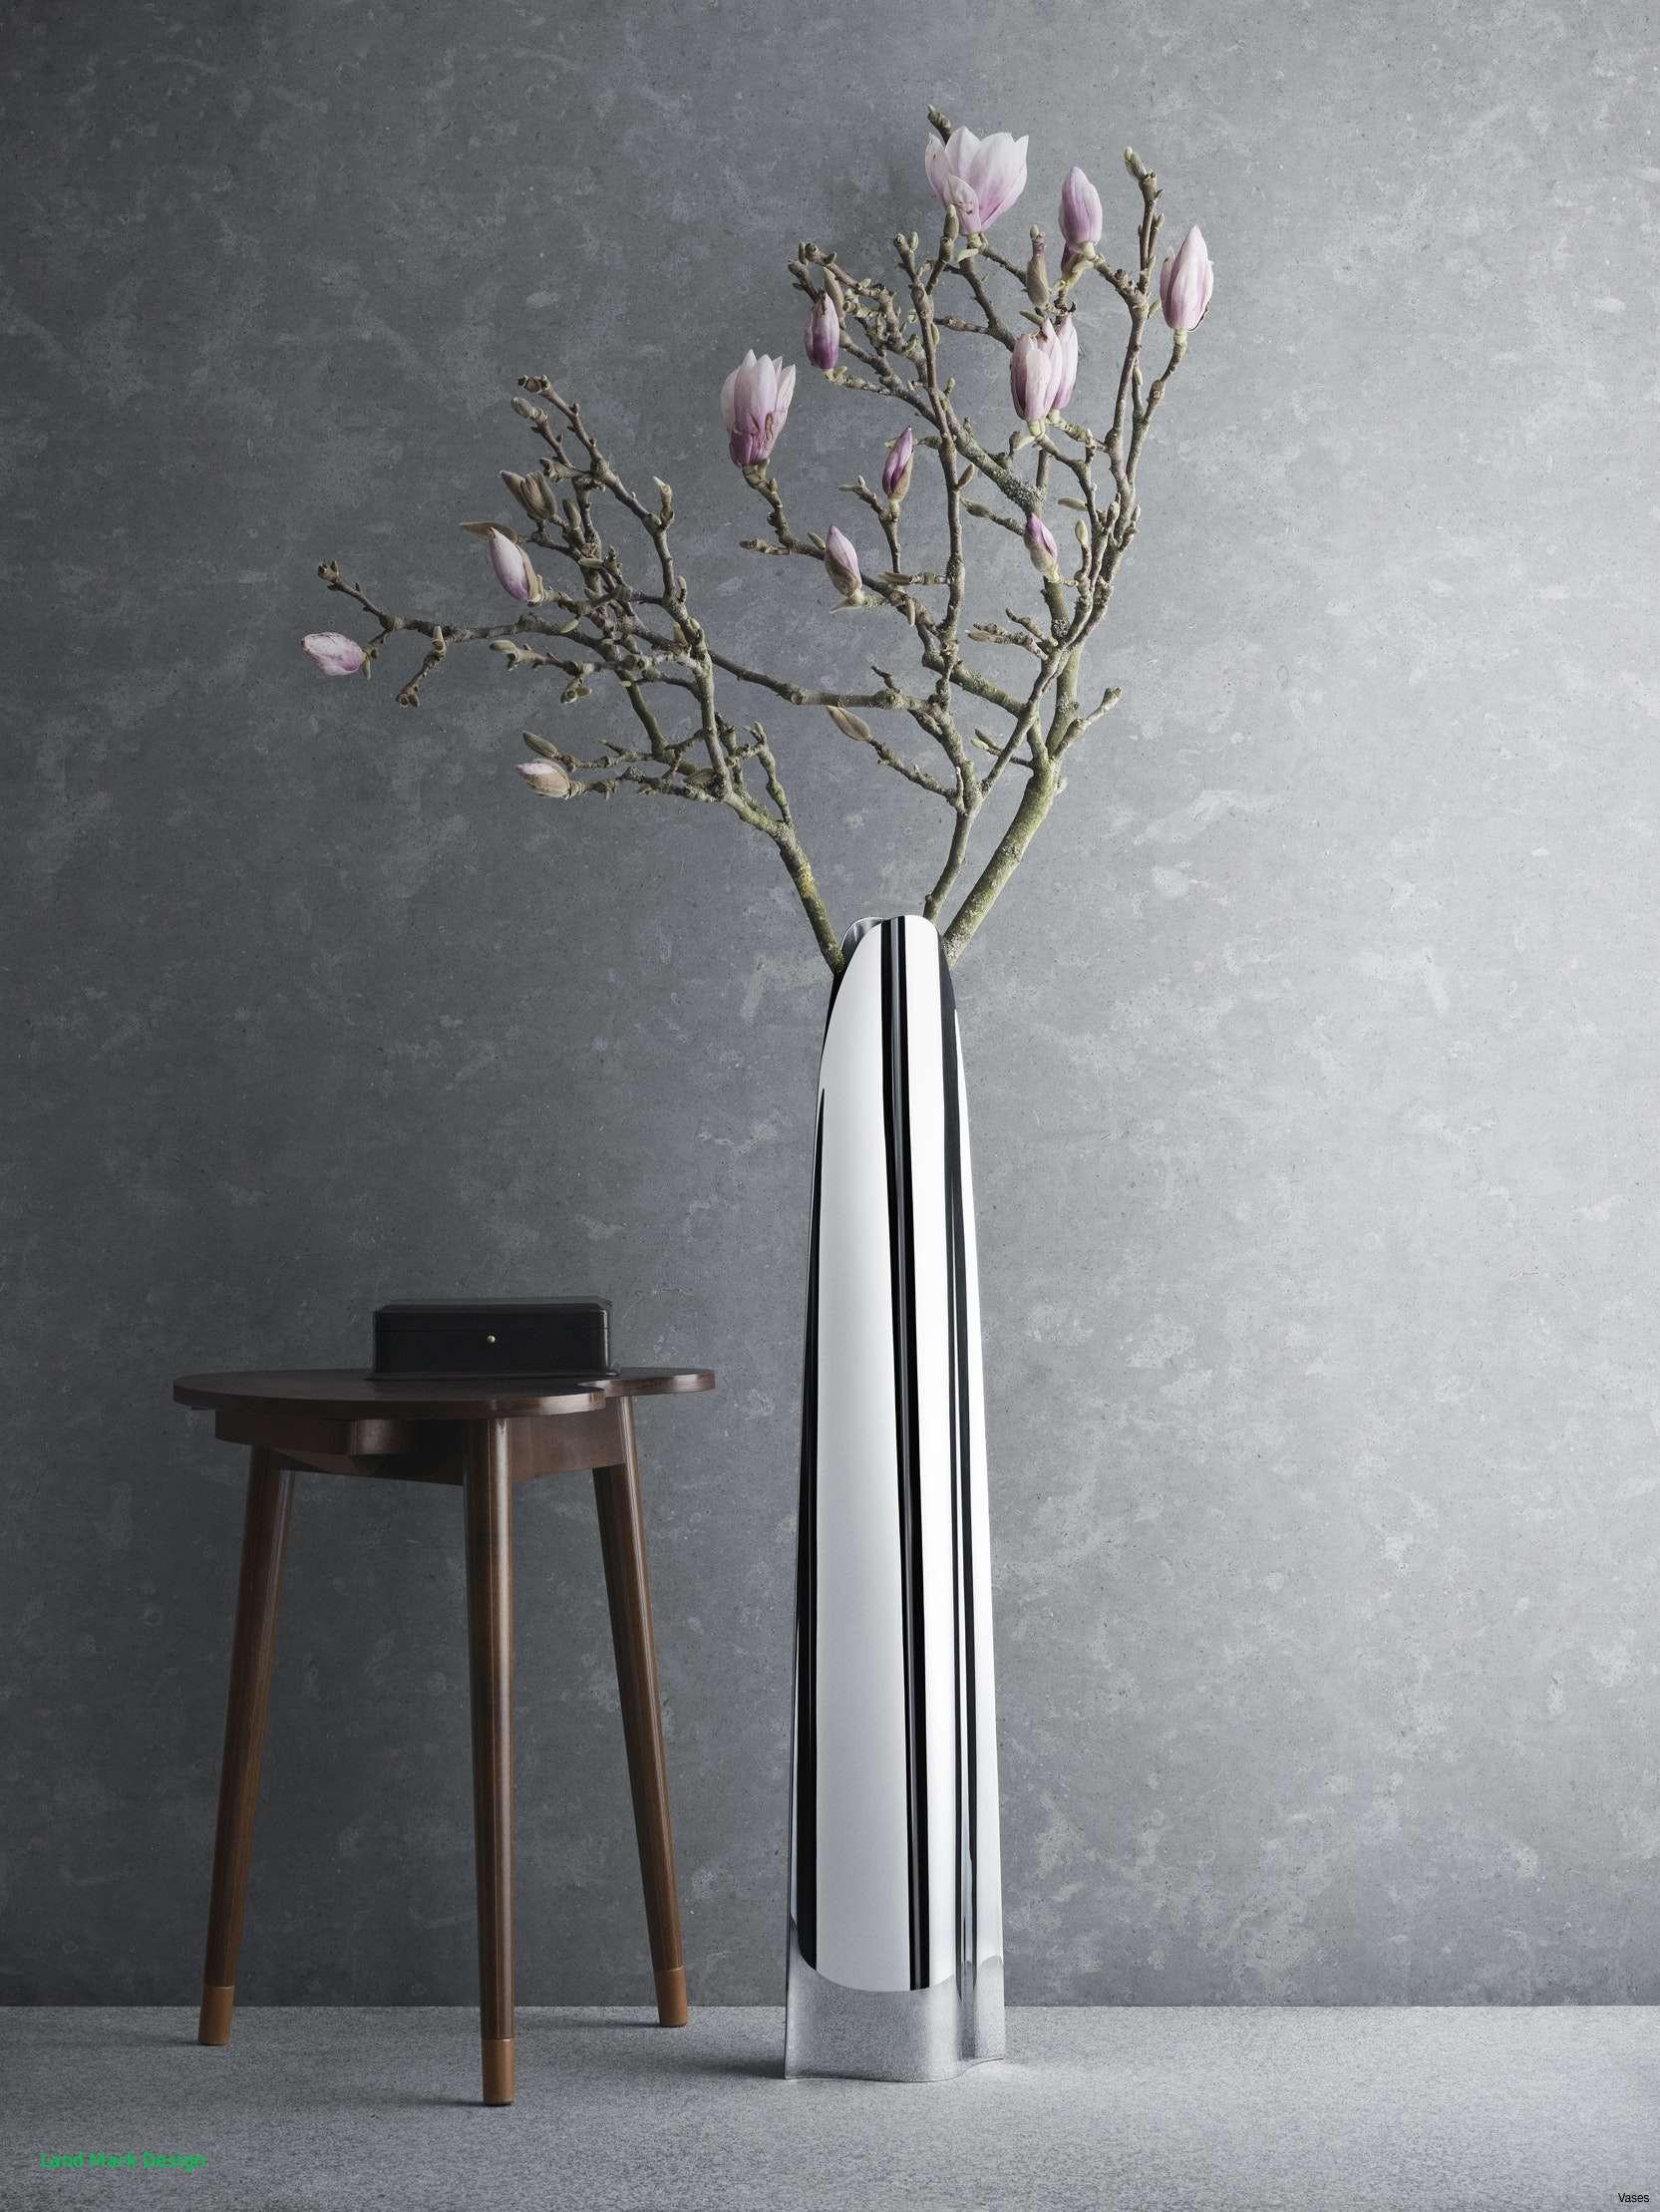 Galvanised Flower Vase Of Large Black Vase Collection Living Room Glass Vases Fresh Clear Vase Intended for Large Black Vase Pictures Modern Floor Vase Of Large Black Vase Collection Living Room Glass Vases